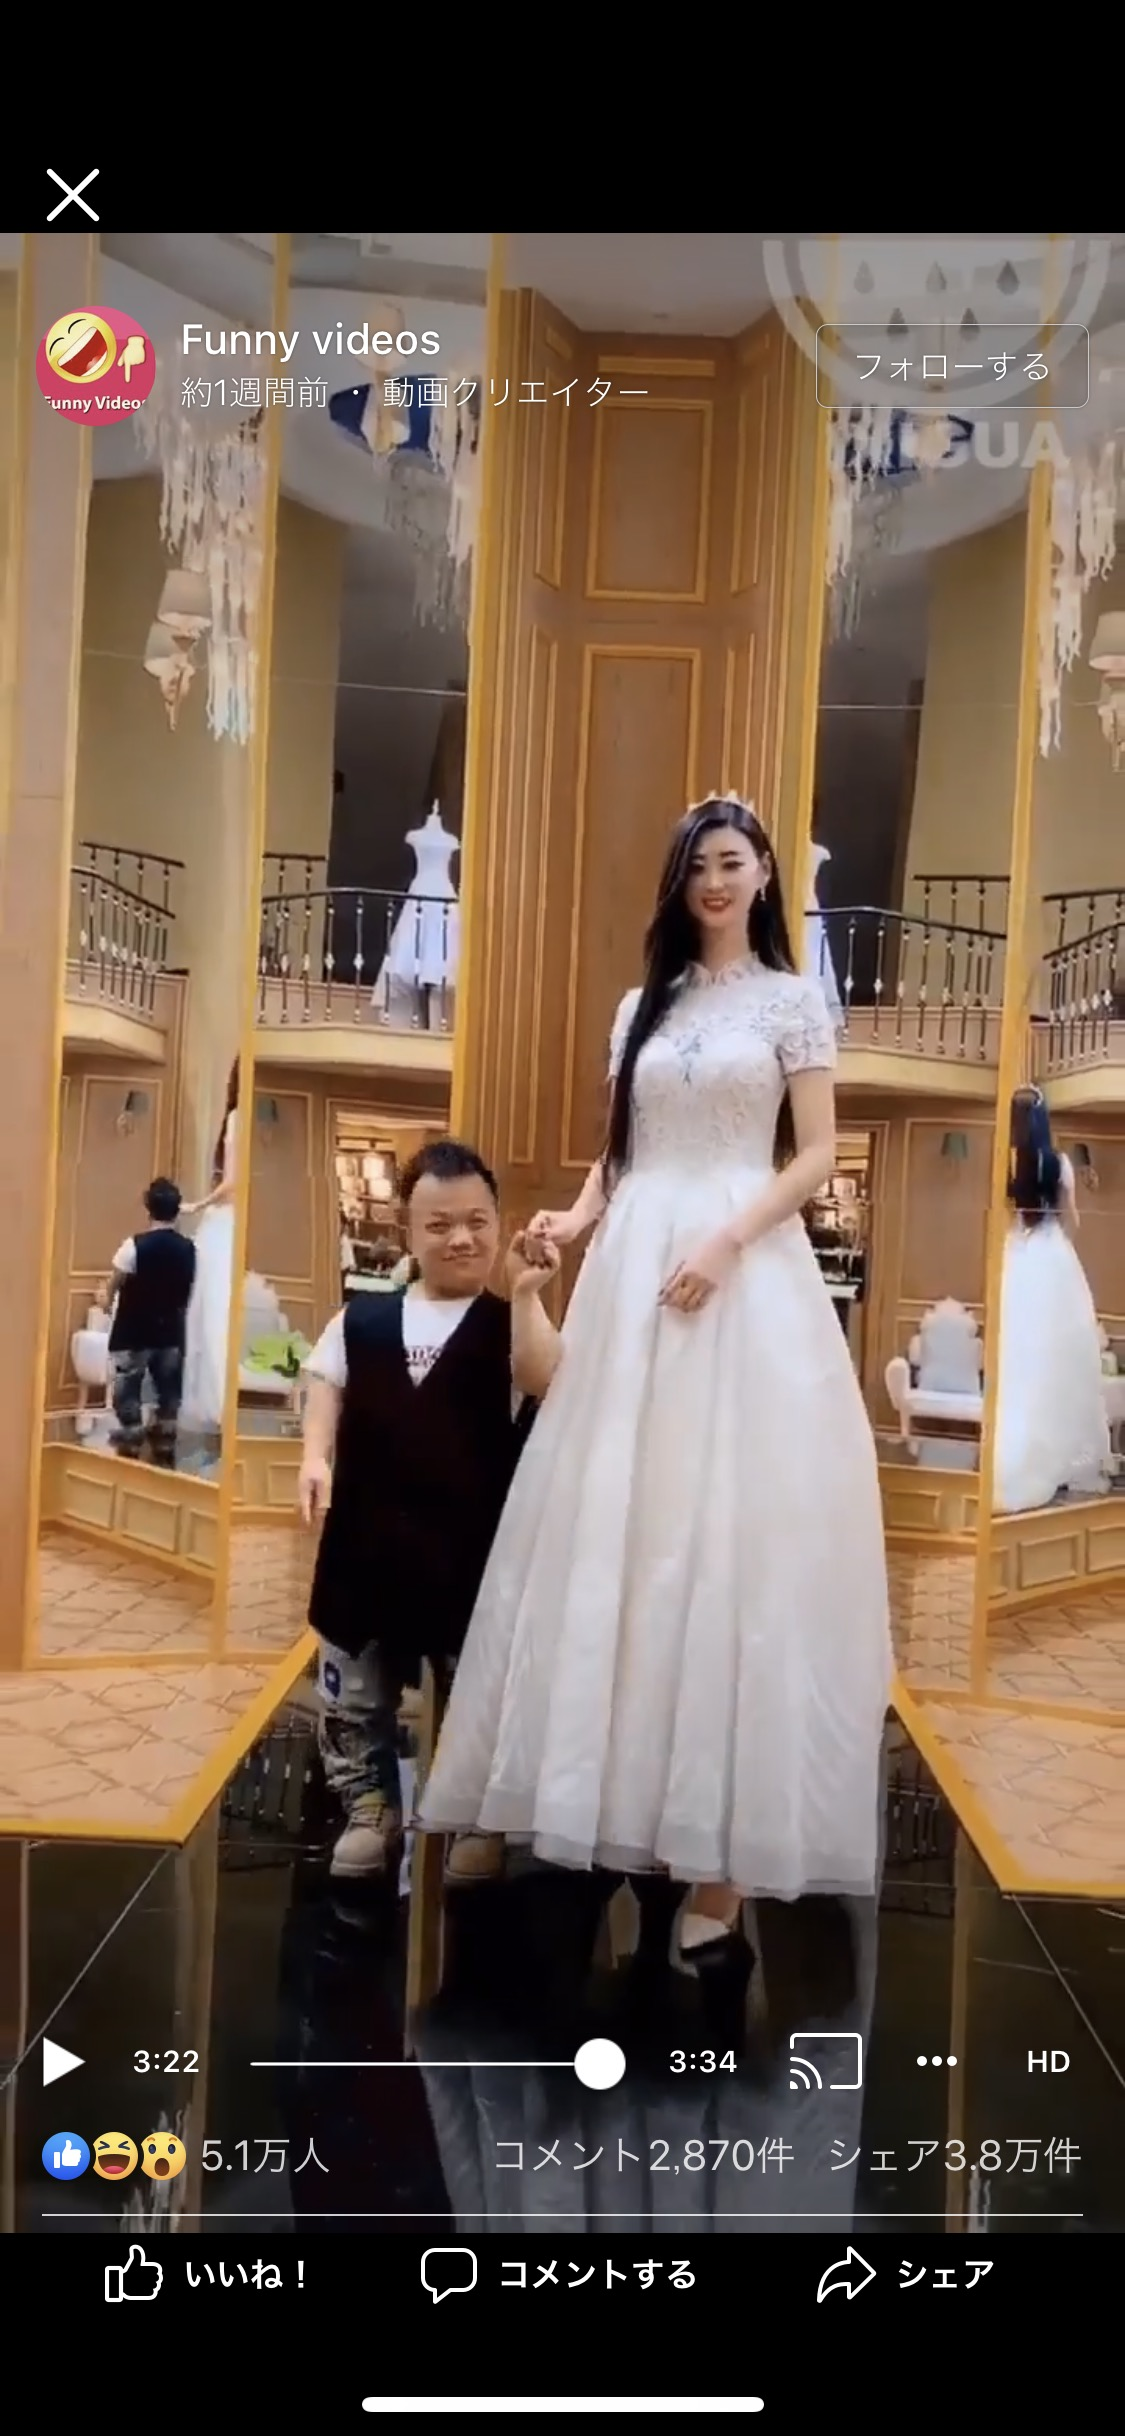 【画像】中国でガチの9頭身美女、発見されるwwwww